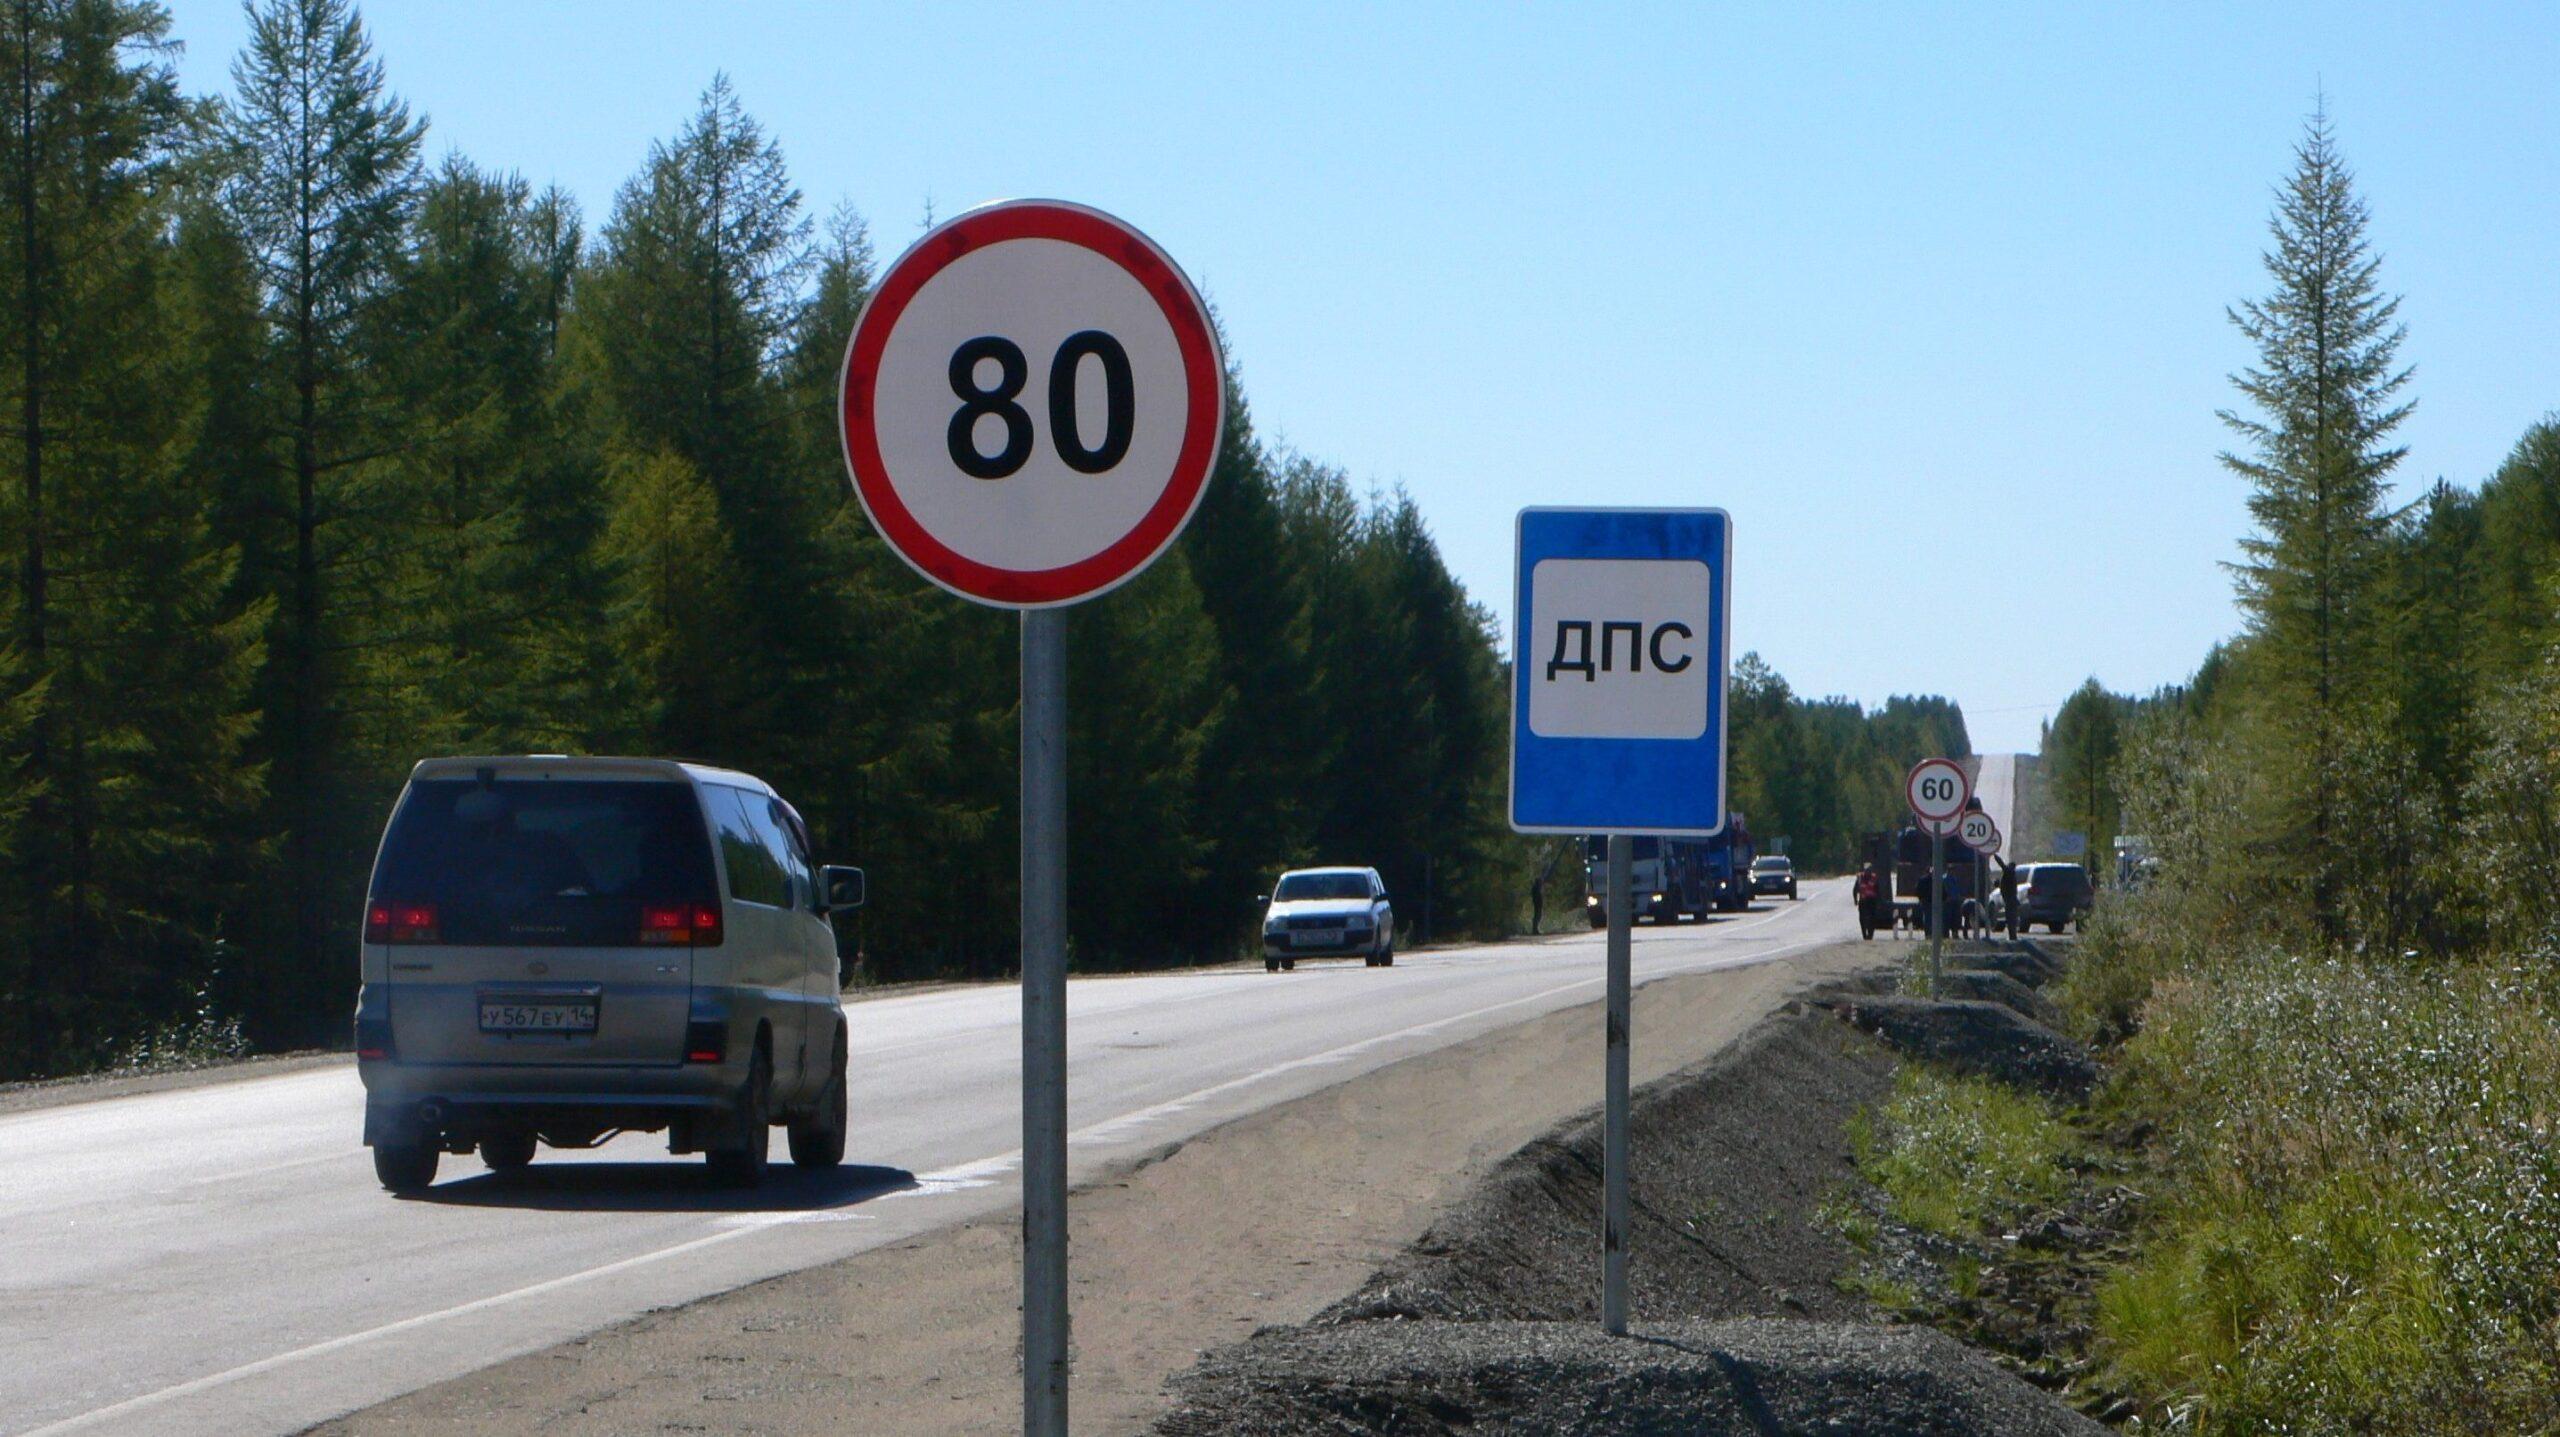 Ограничение скорости. Фото Darya Gor4